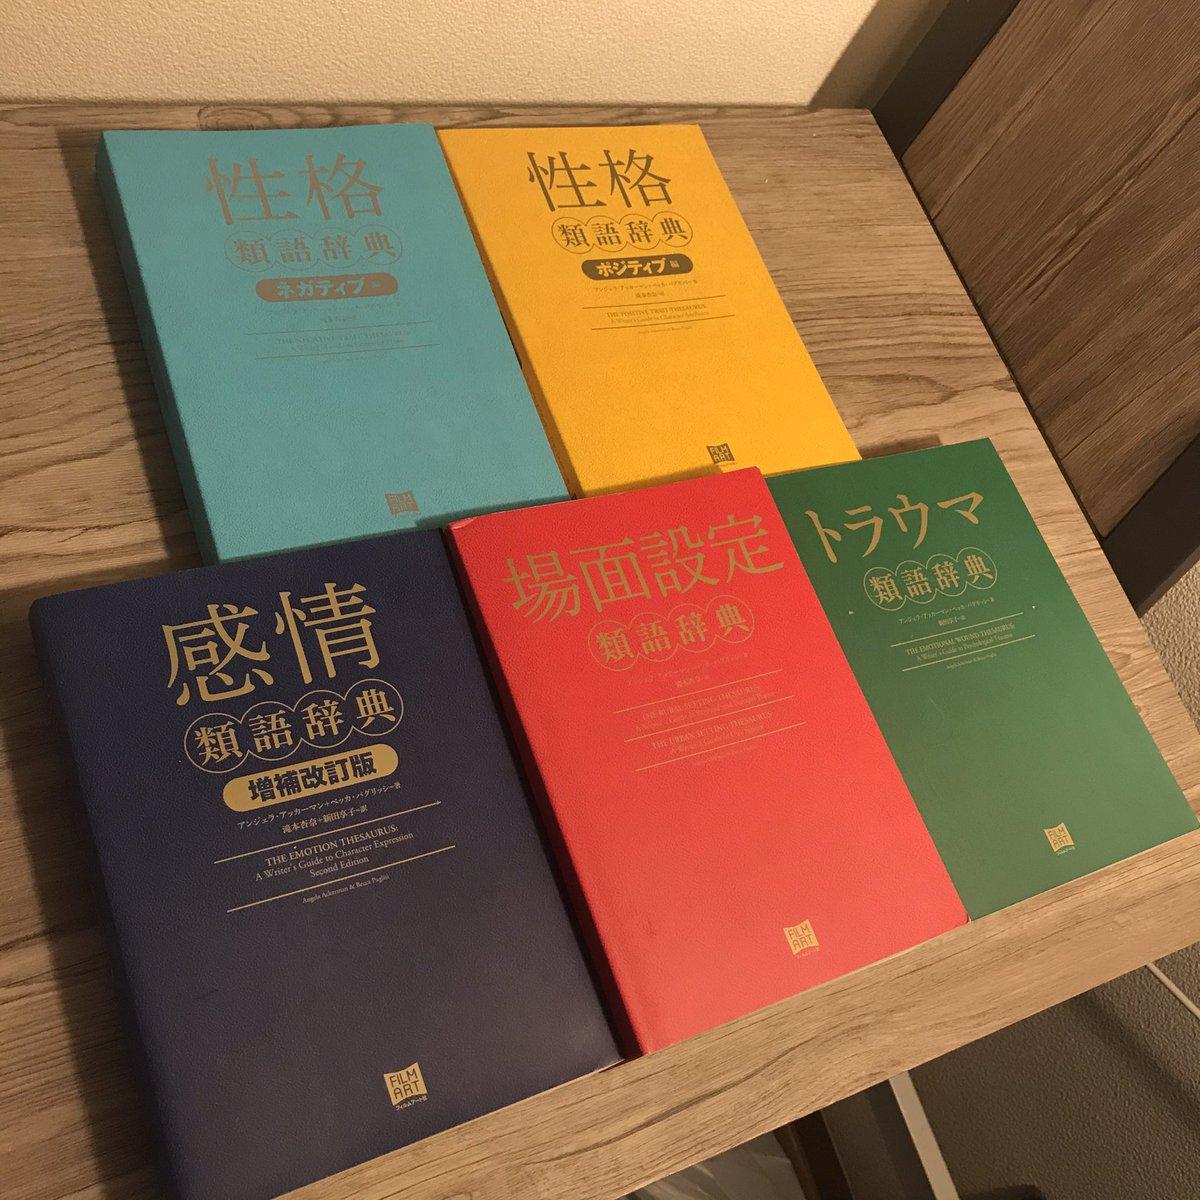 全ての創作家に知ってほしい、様々な設定を詳しく解説した辞典!